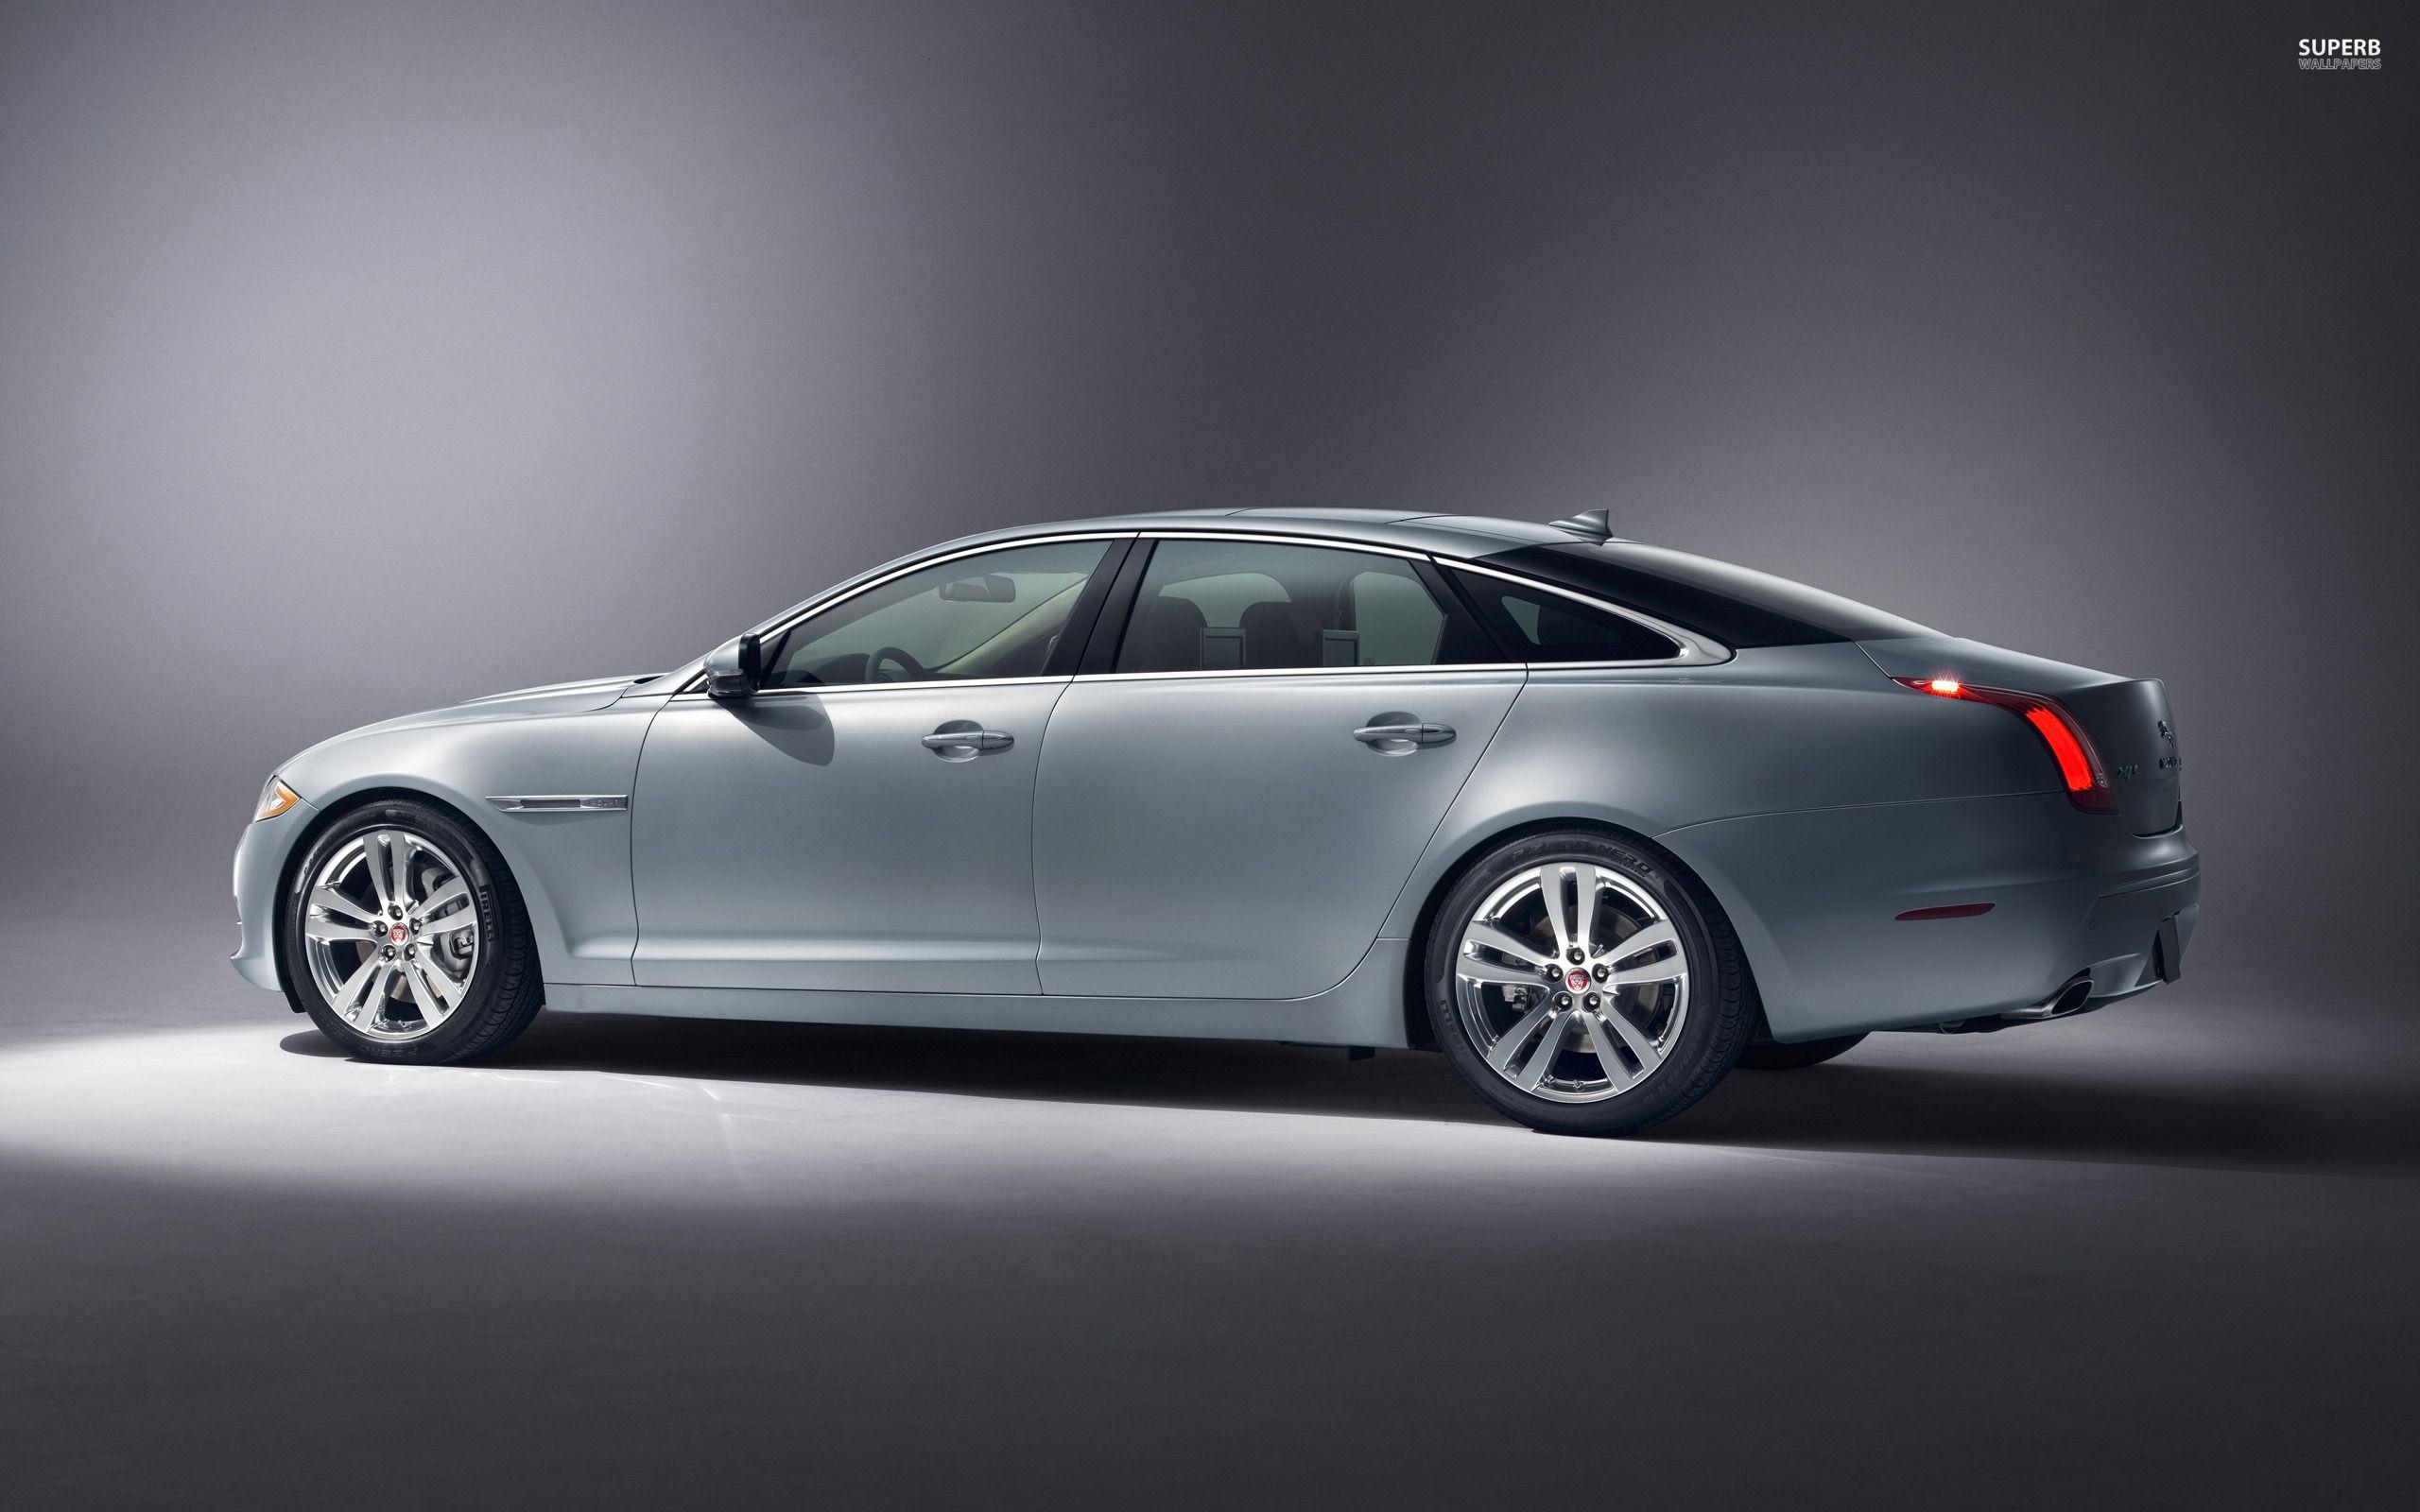 2014 Jaguar Cars